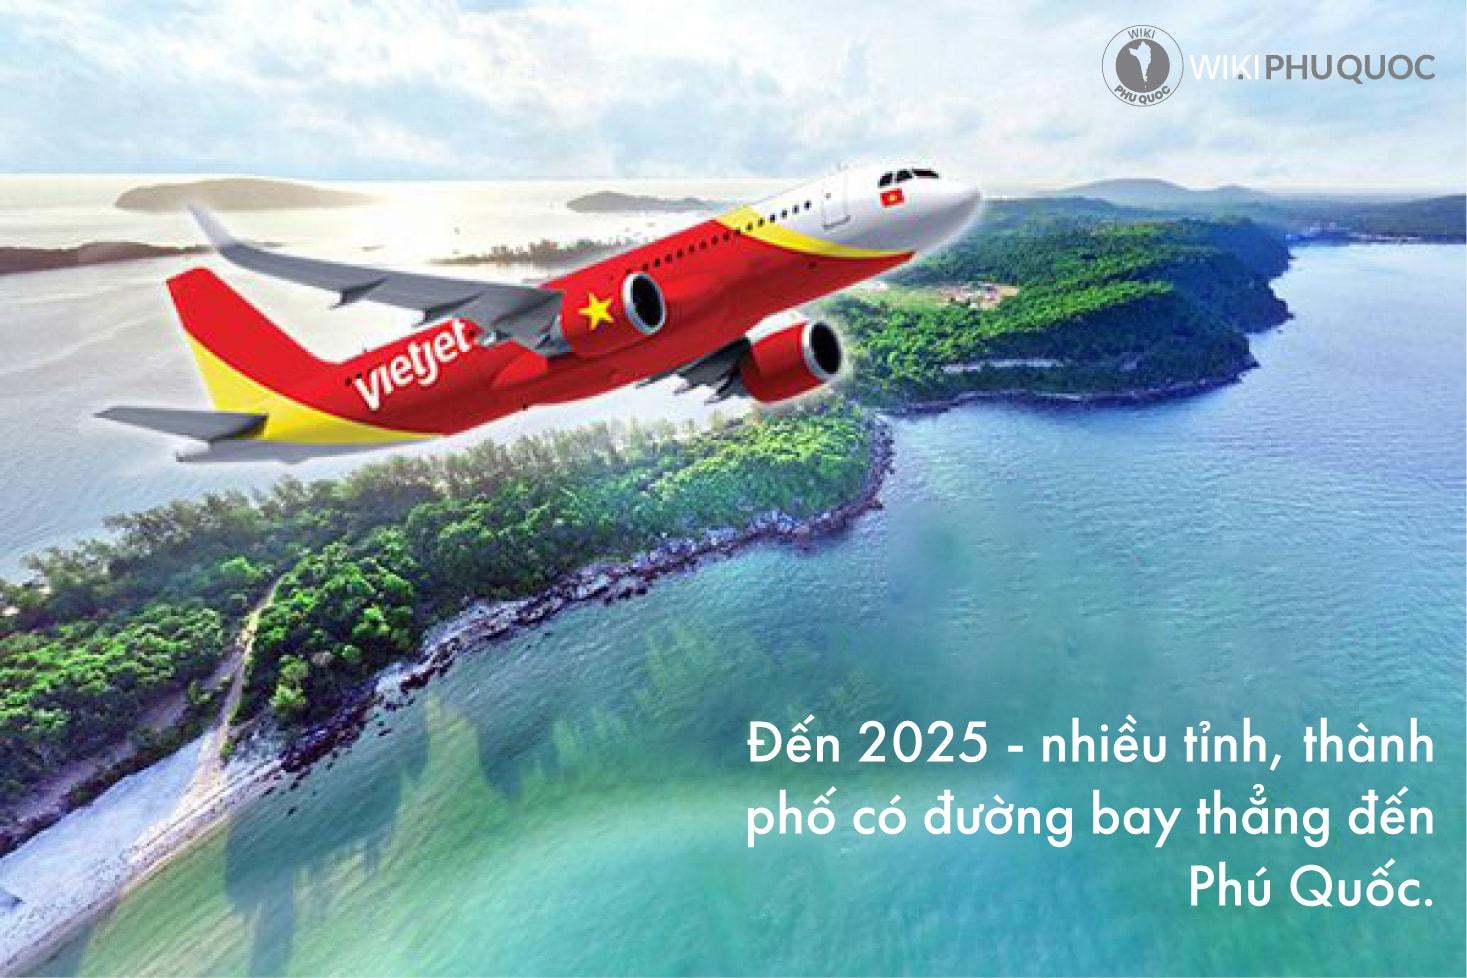 Đến 2025 - nhiều tỉnh, thành phố có đường bay thẳng đến Phú Quốc bay thẳng đến phú quốc - Đến-2025-nhiều-tỉnh-thành-phố-có-đường-bay-thẳng-đến-Phú-Quốc - Đến 2025 – 16 tỉnh, thành phố có đường bay thẳng đến Phú Quốc.